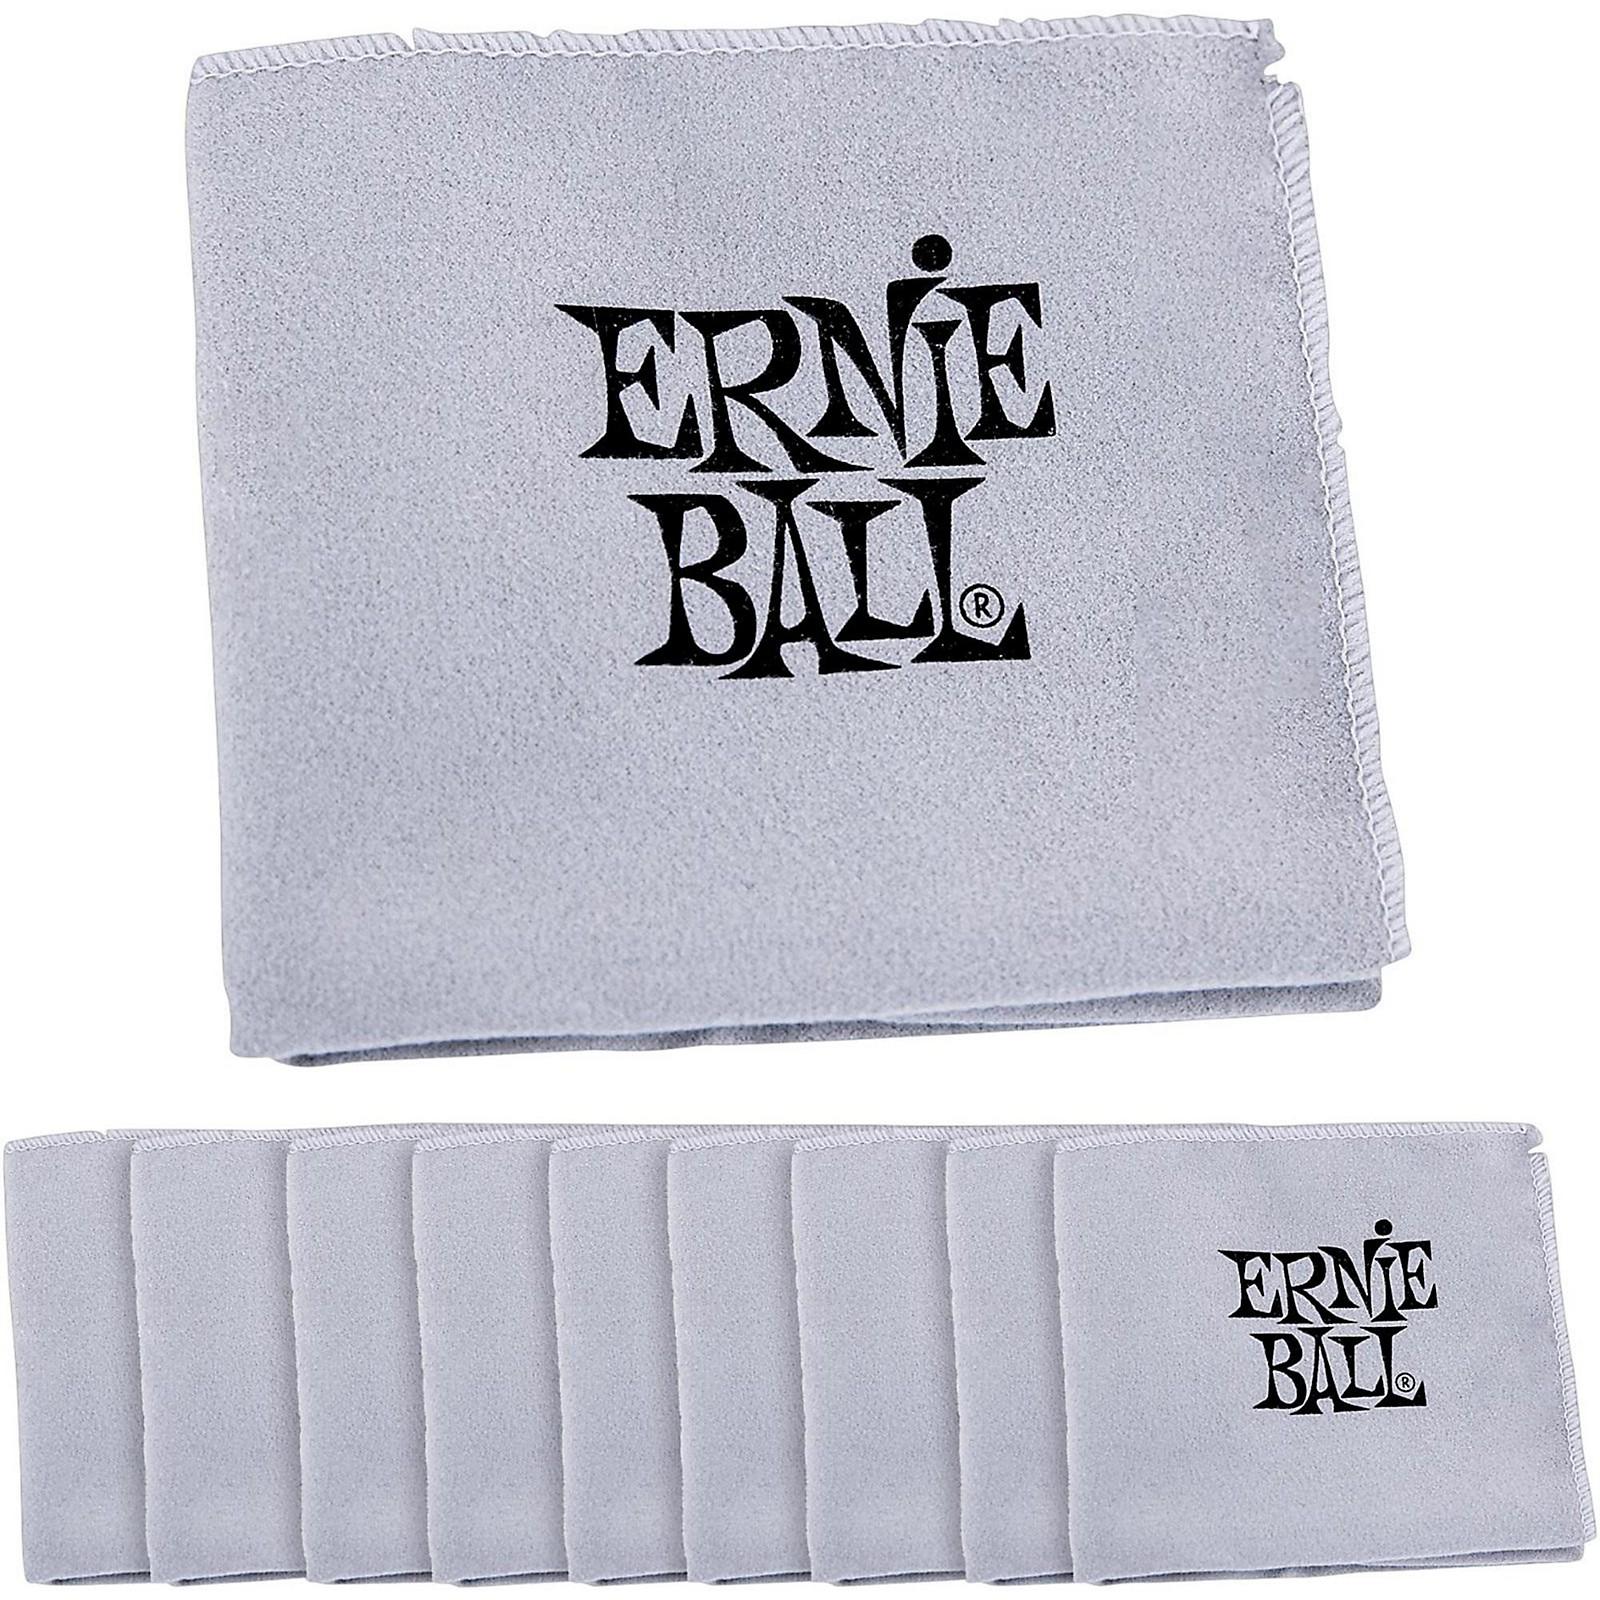 Ernie Ball Polish Cloth 10-Pack